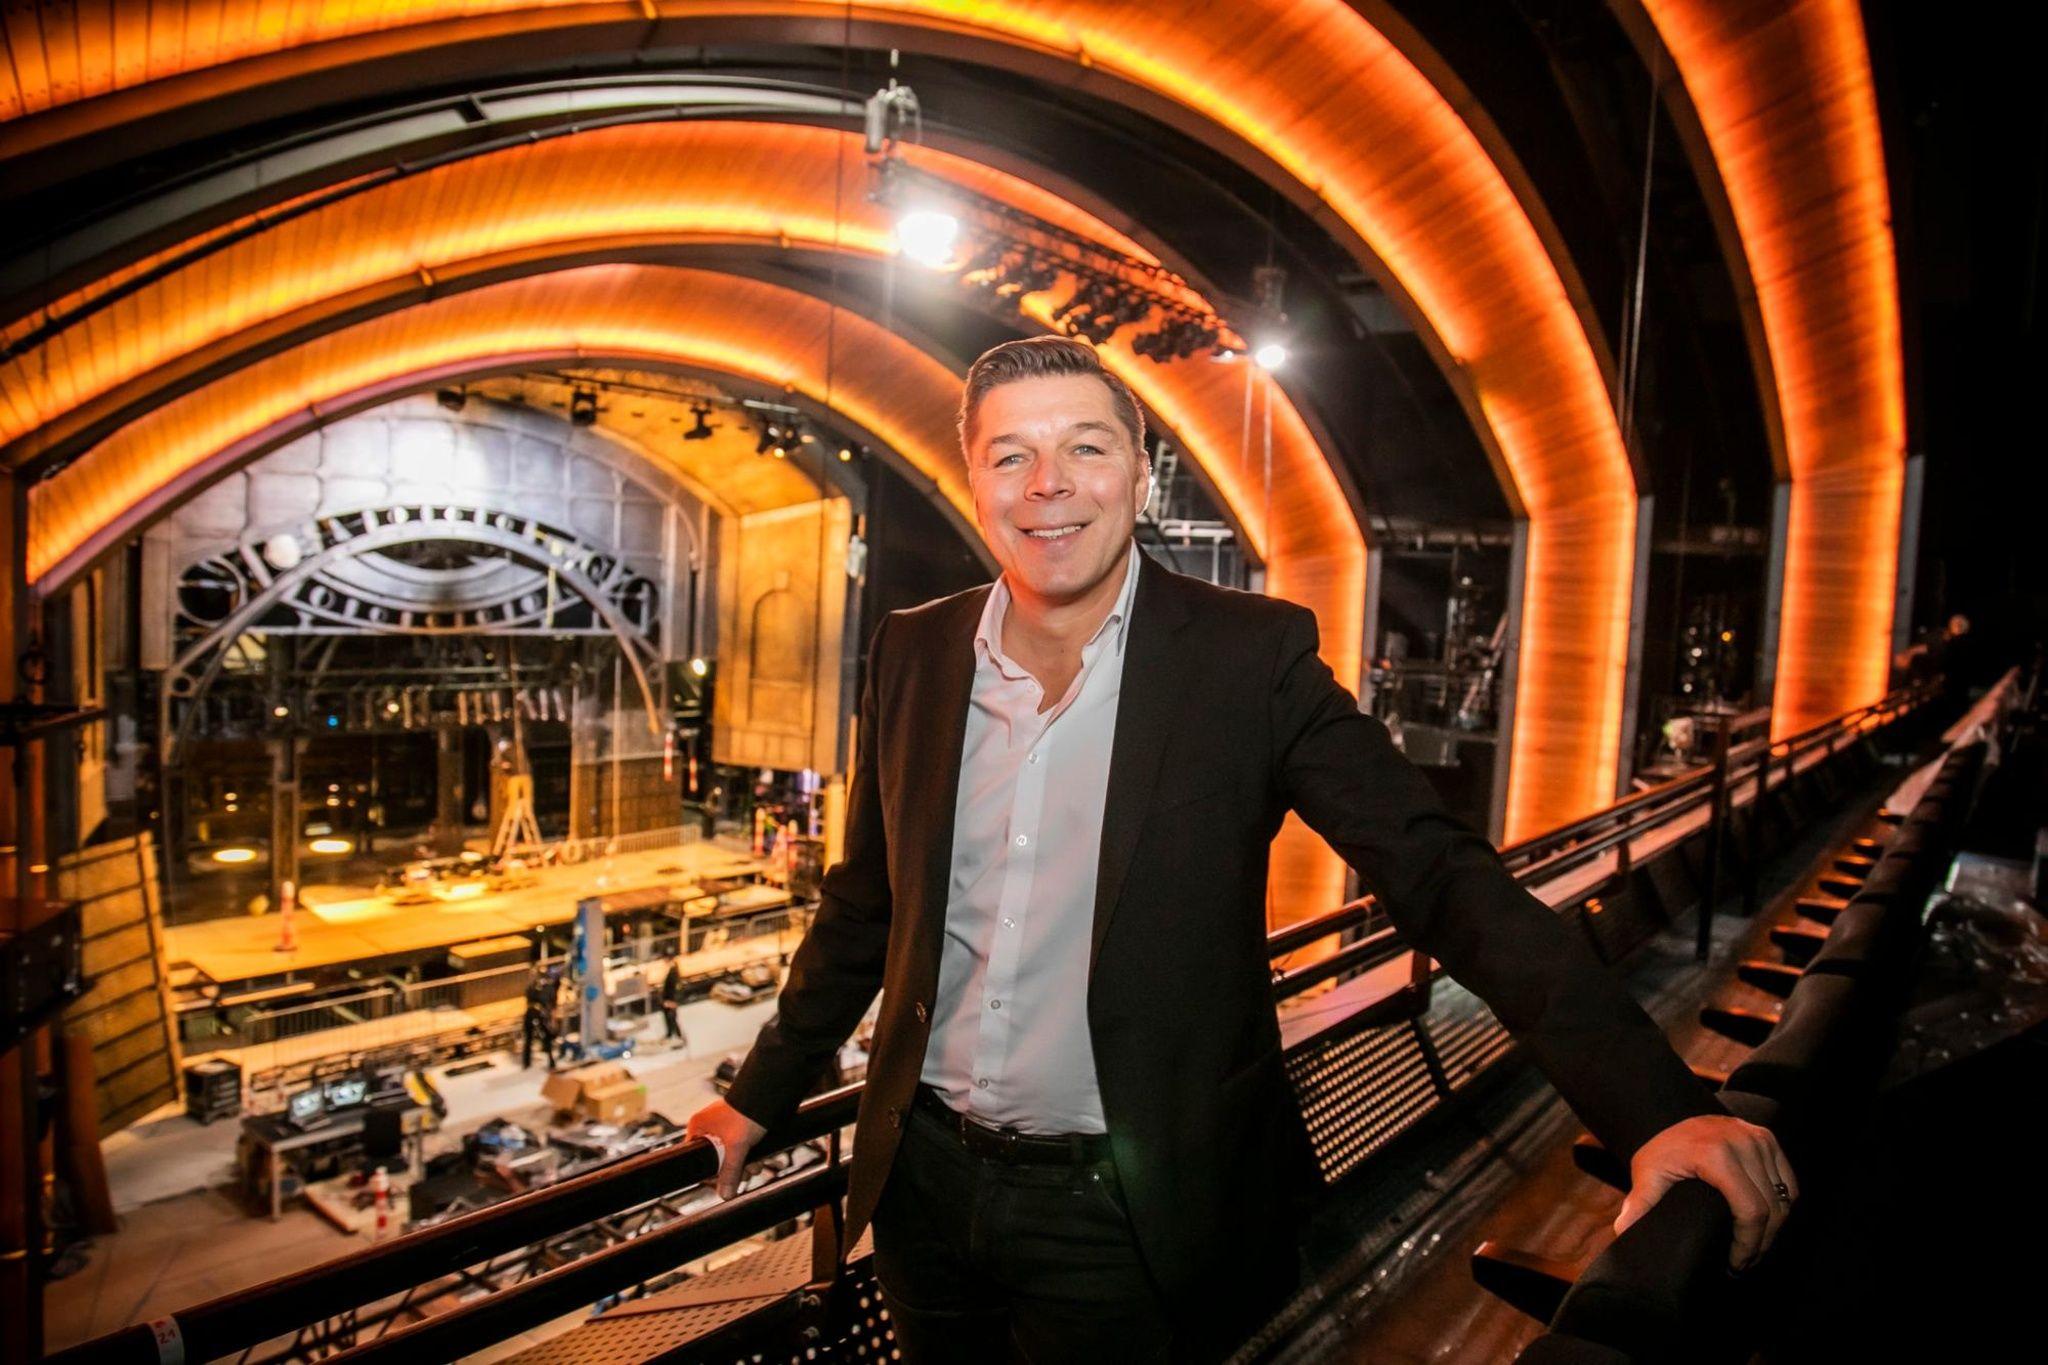 Umbau Des Mehr Theater Fur Harry Potter Schreitet Voran Theater Das Verwunschene Kind Theaterstuck